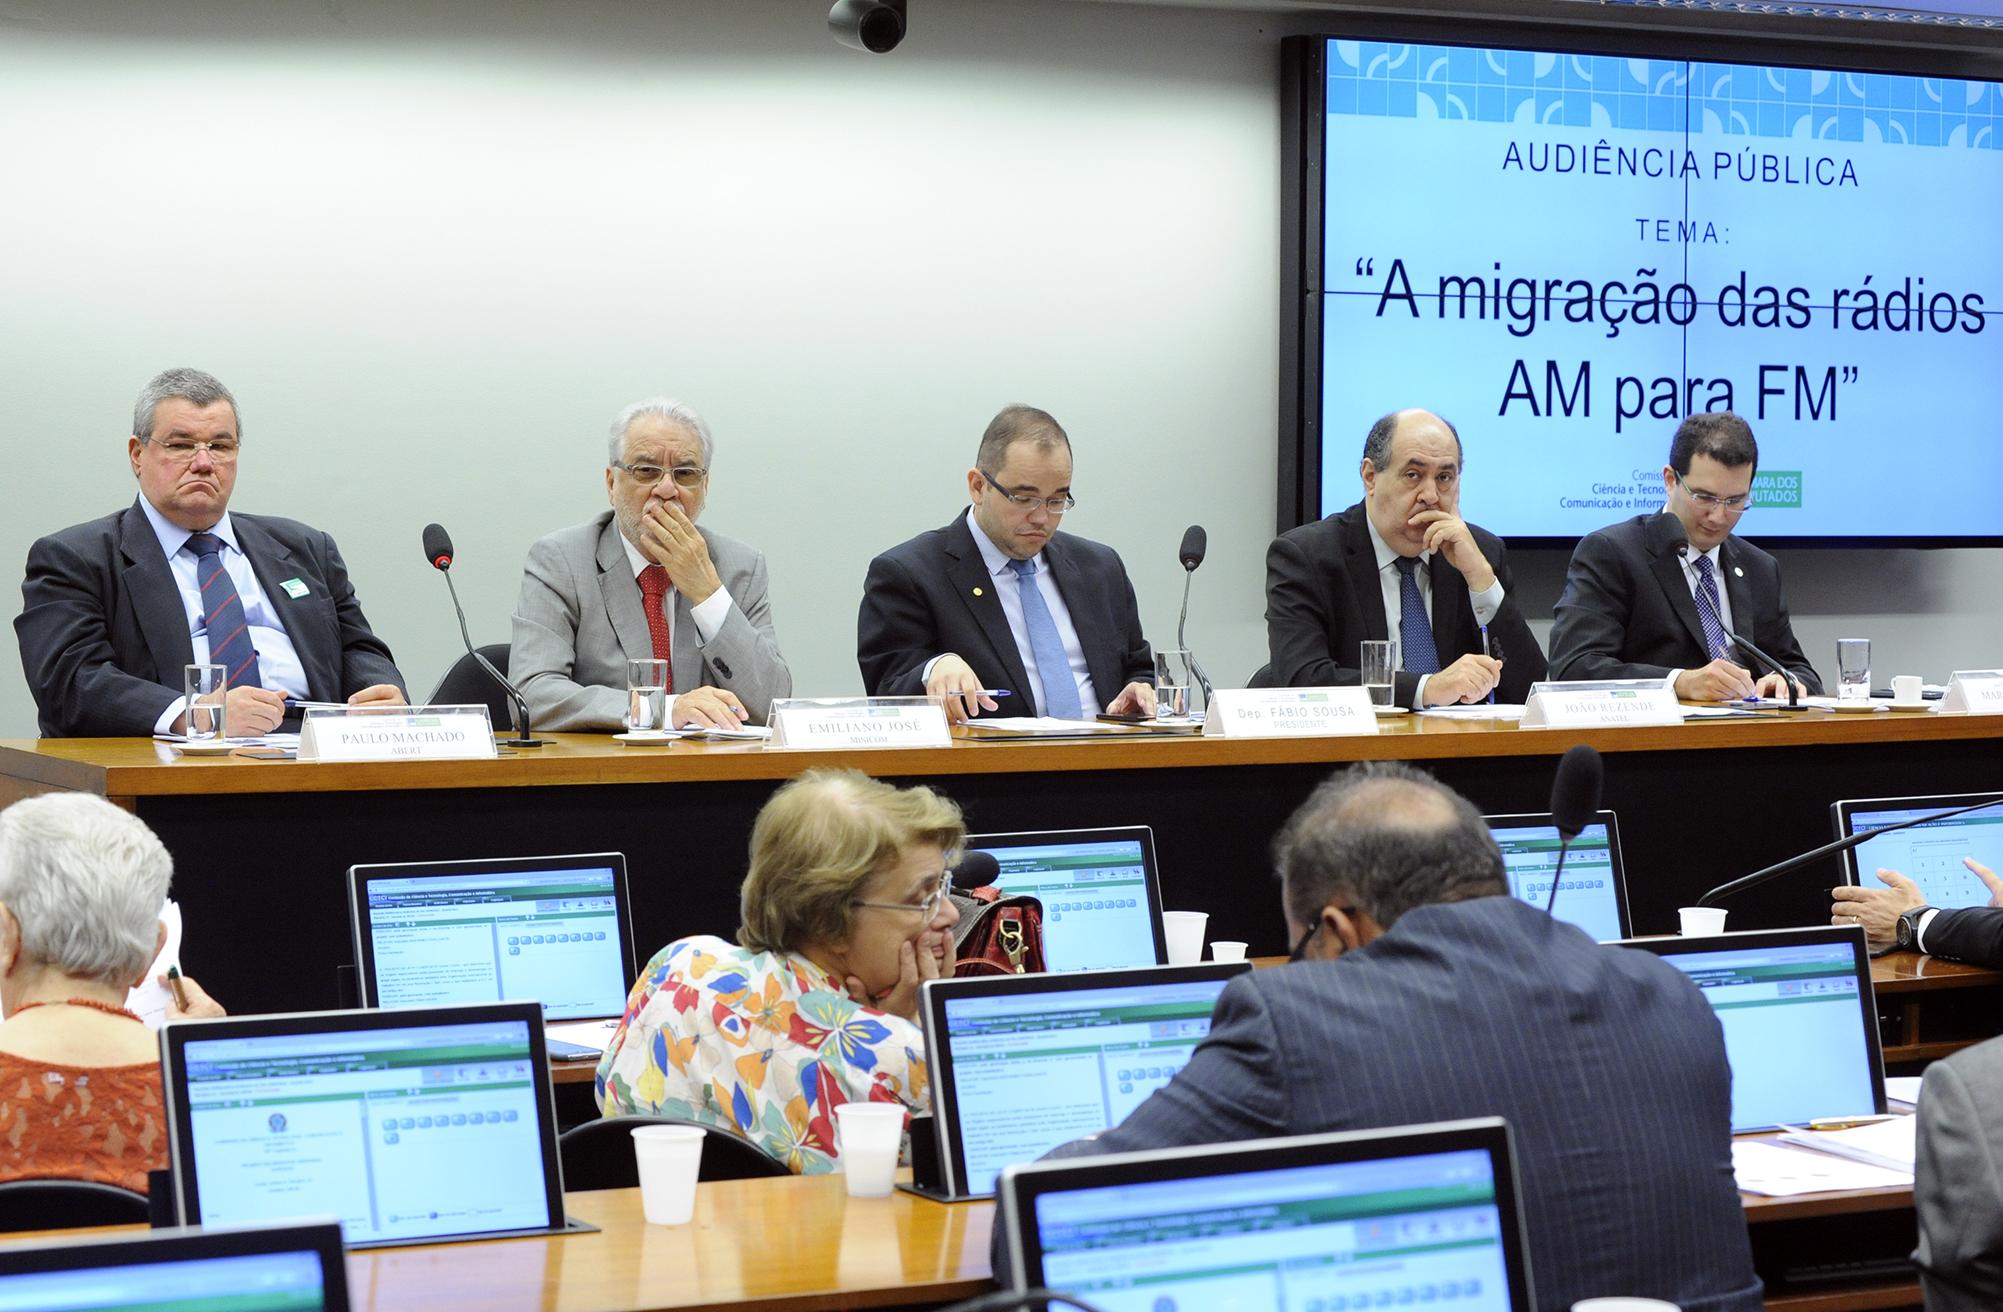 Audiência pública sobre as condições impostas pelo governo para a migração das rádios AM para FM